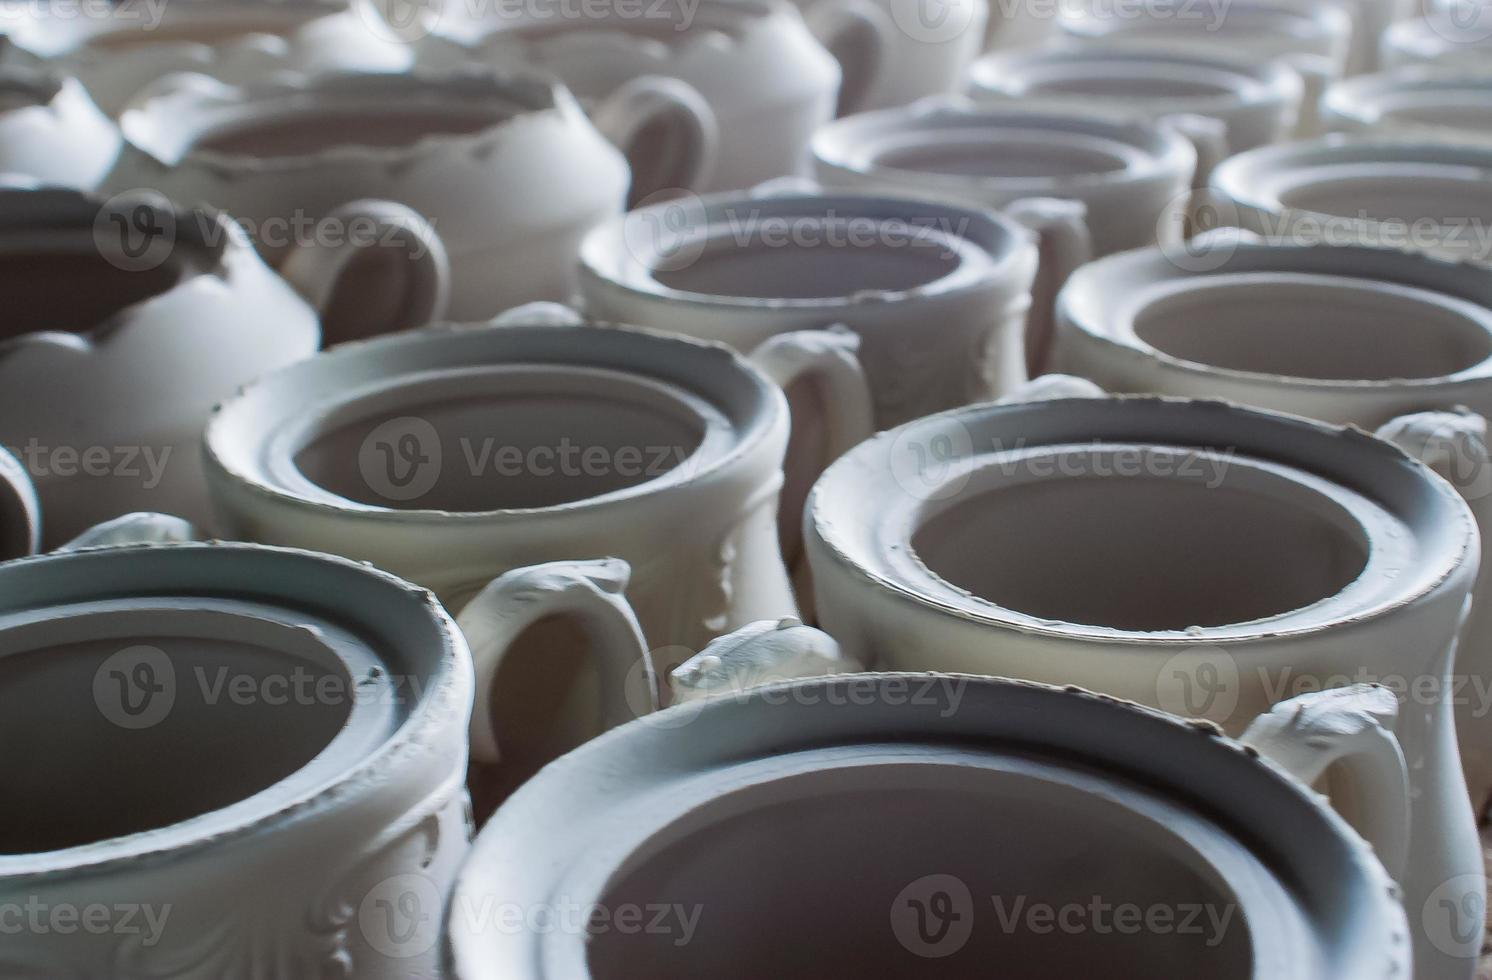 récipients d'usine en porcelaine photo